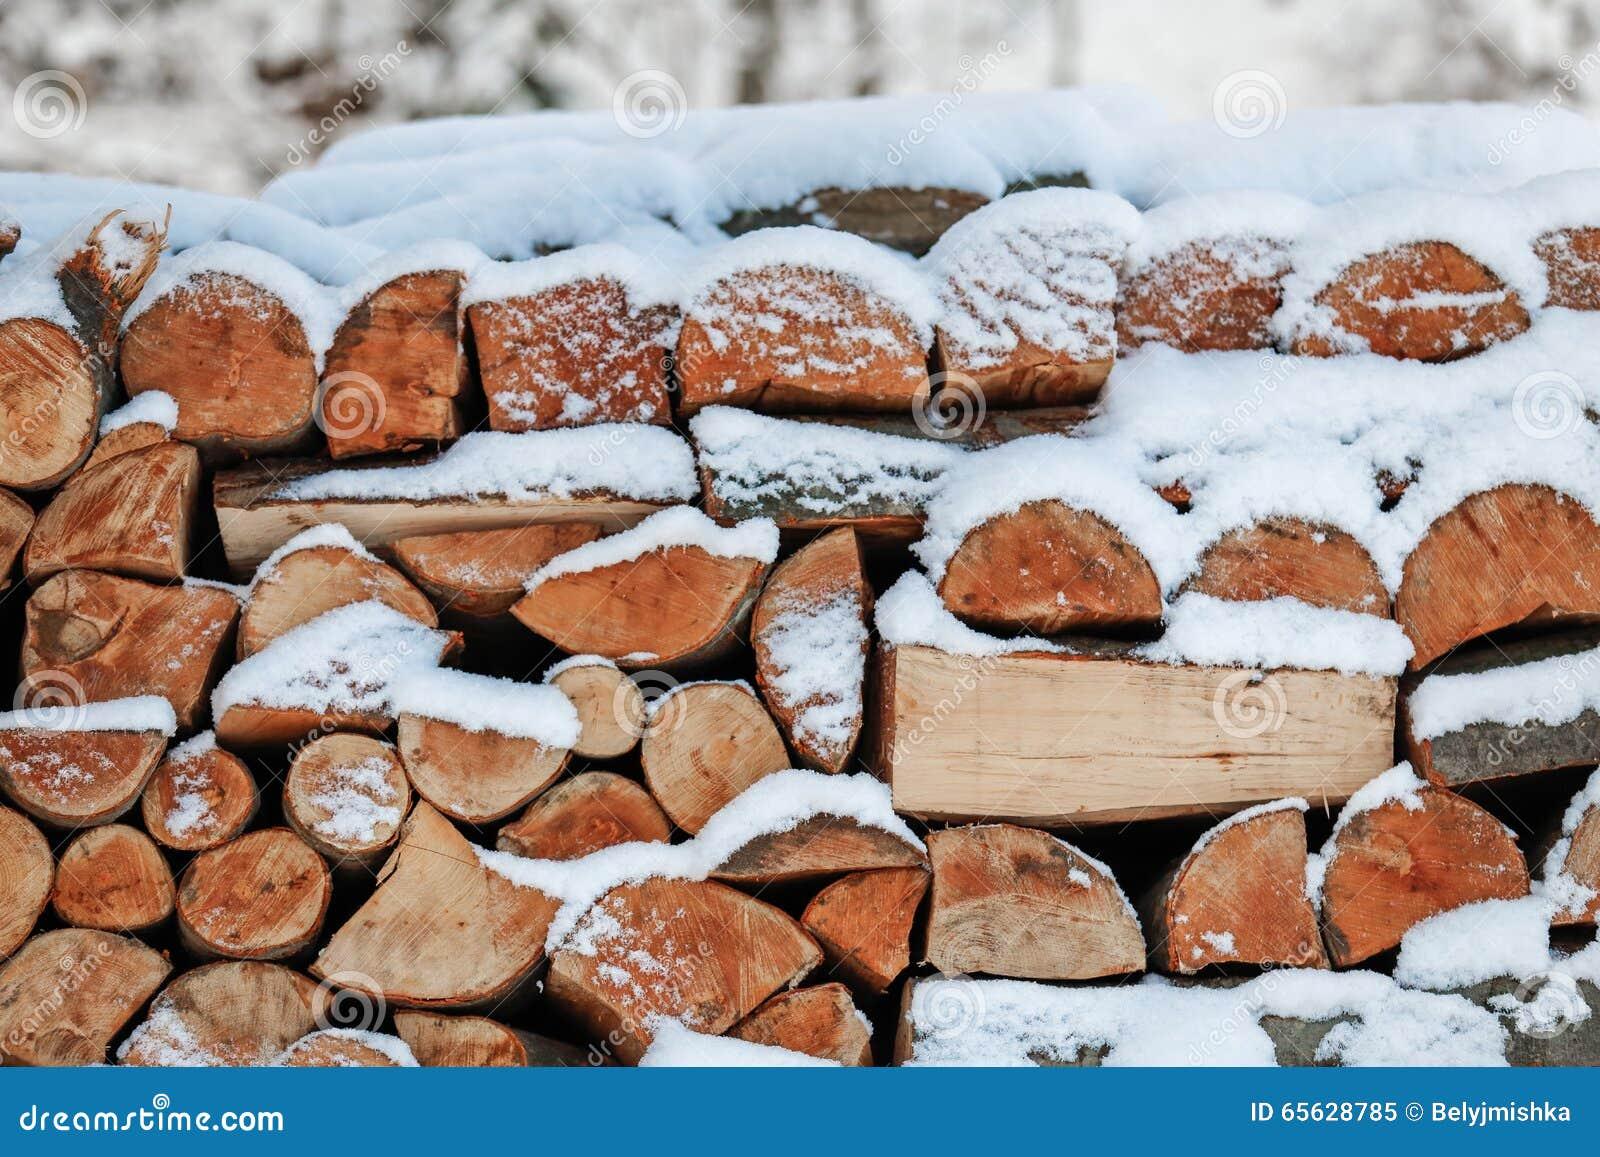 Bois de chauffage empilé et couvert de neige